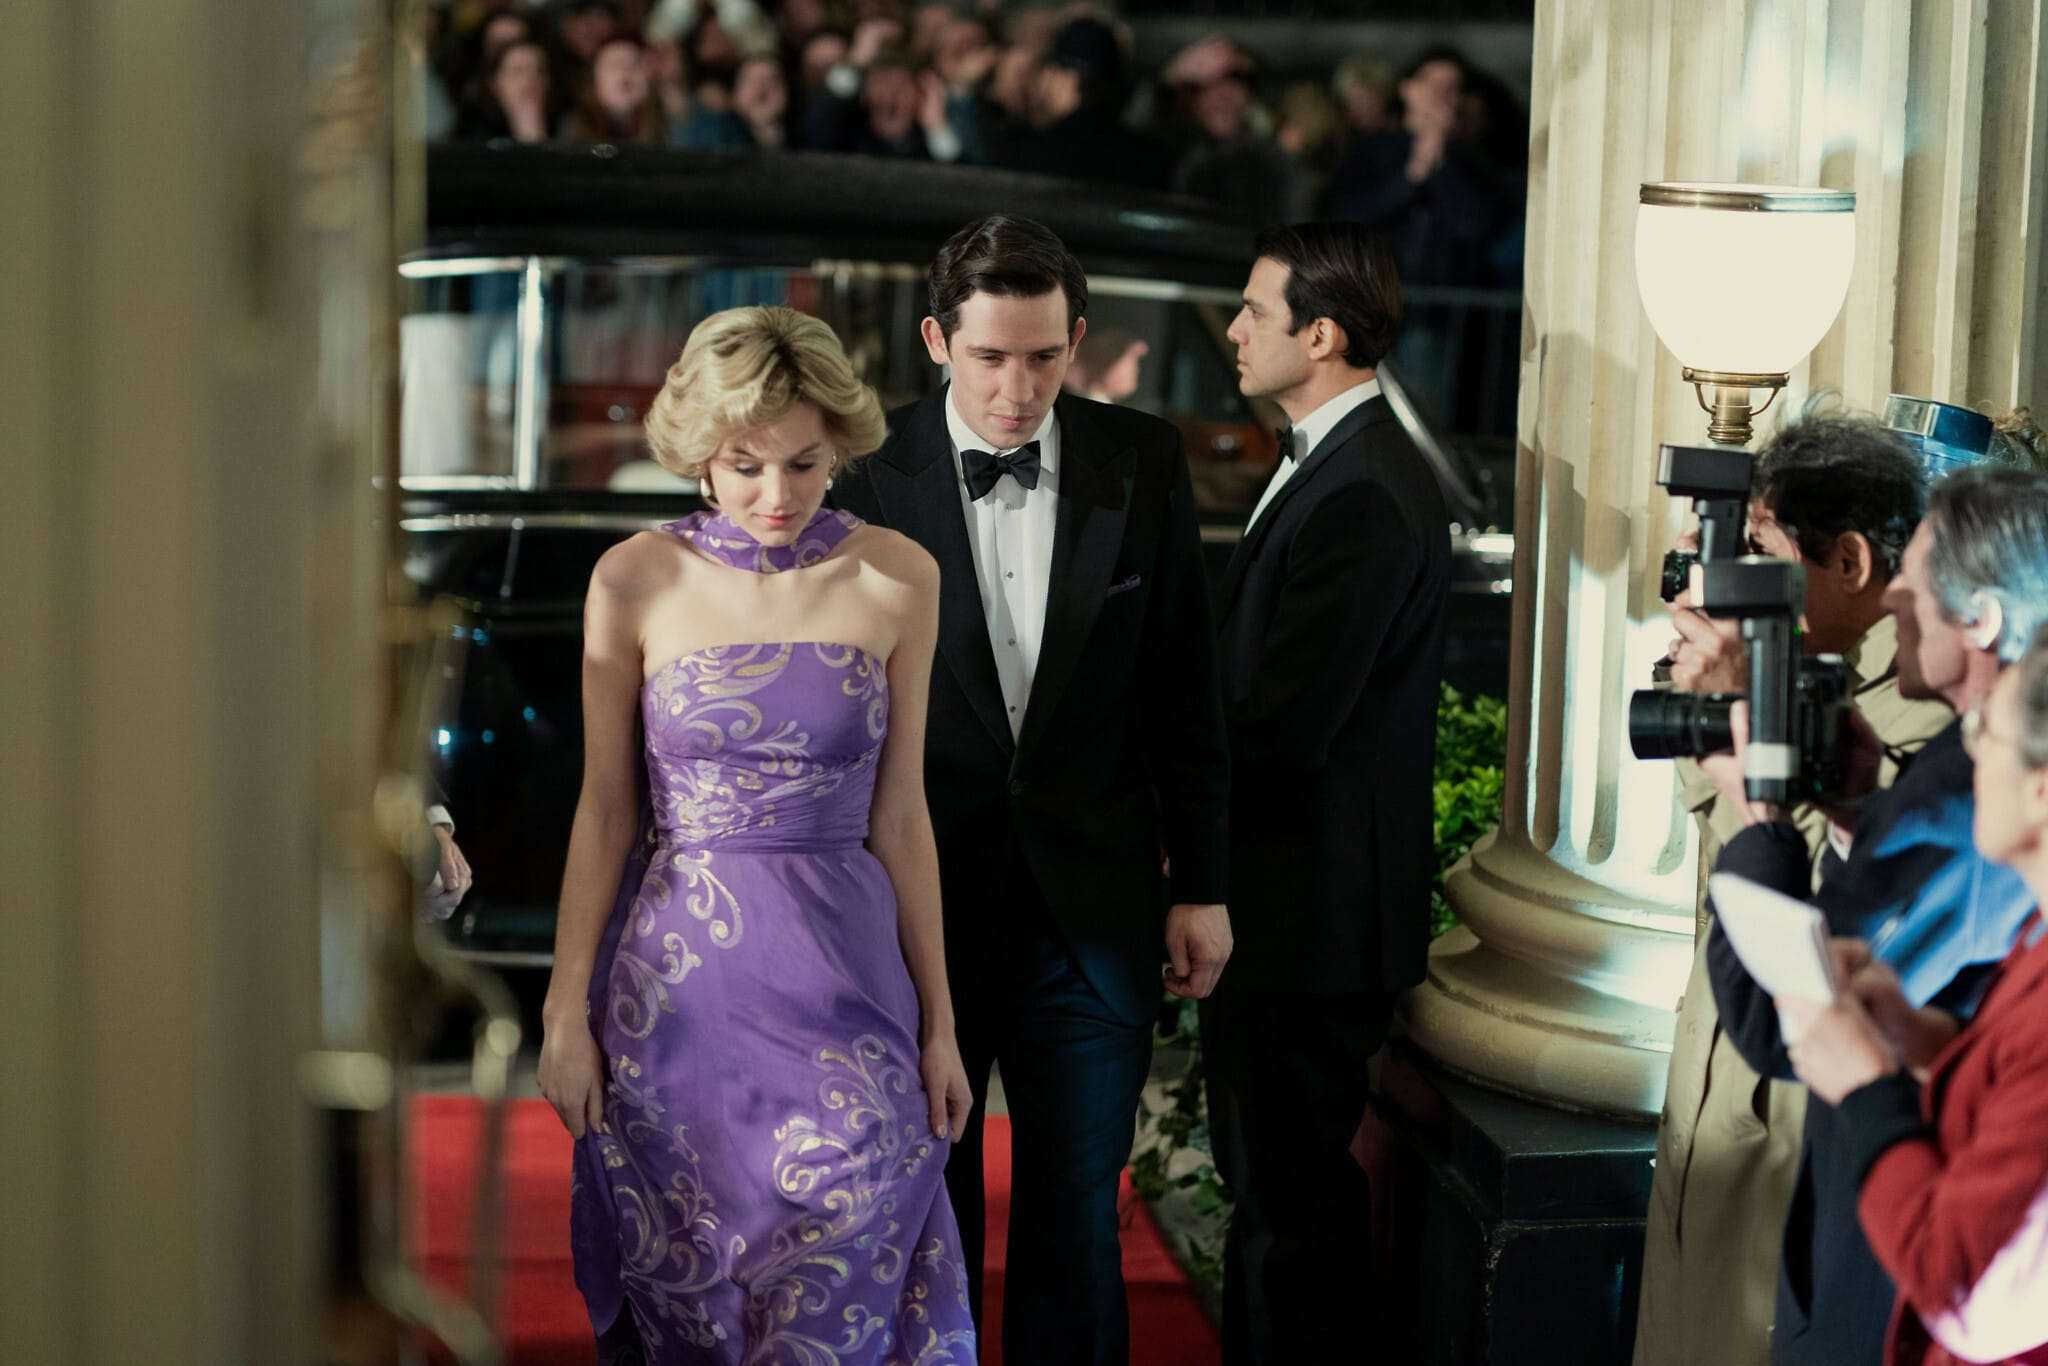 """דמויות הנסיך צ'ארלס והנסיכה דיאנה בסדרה """"הכתר"""" (צילום: Ollie Upton/Netflix)"""